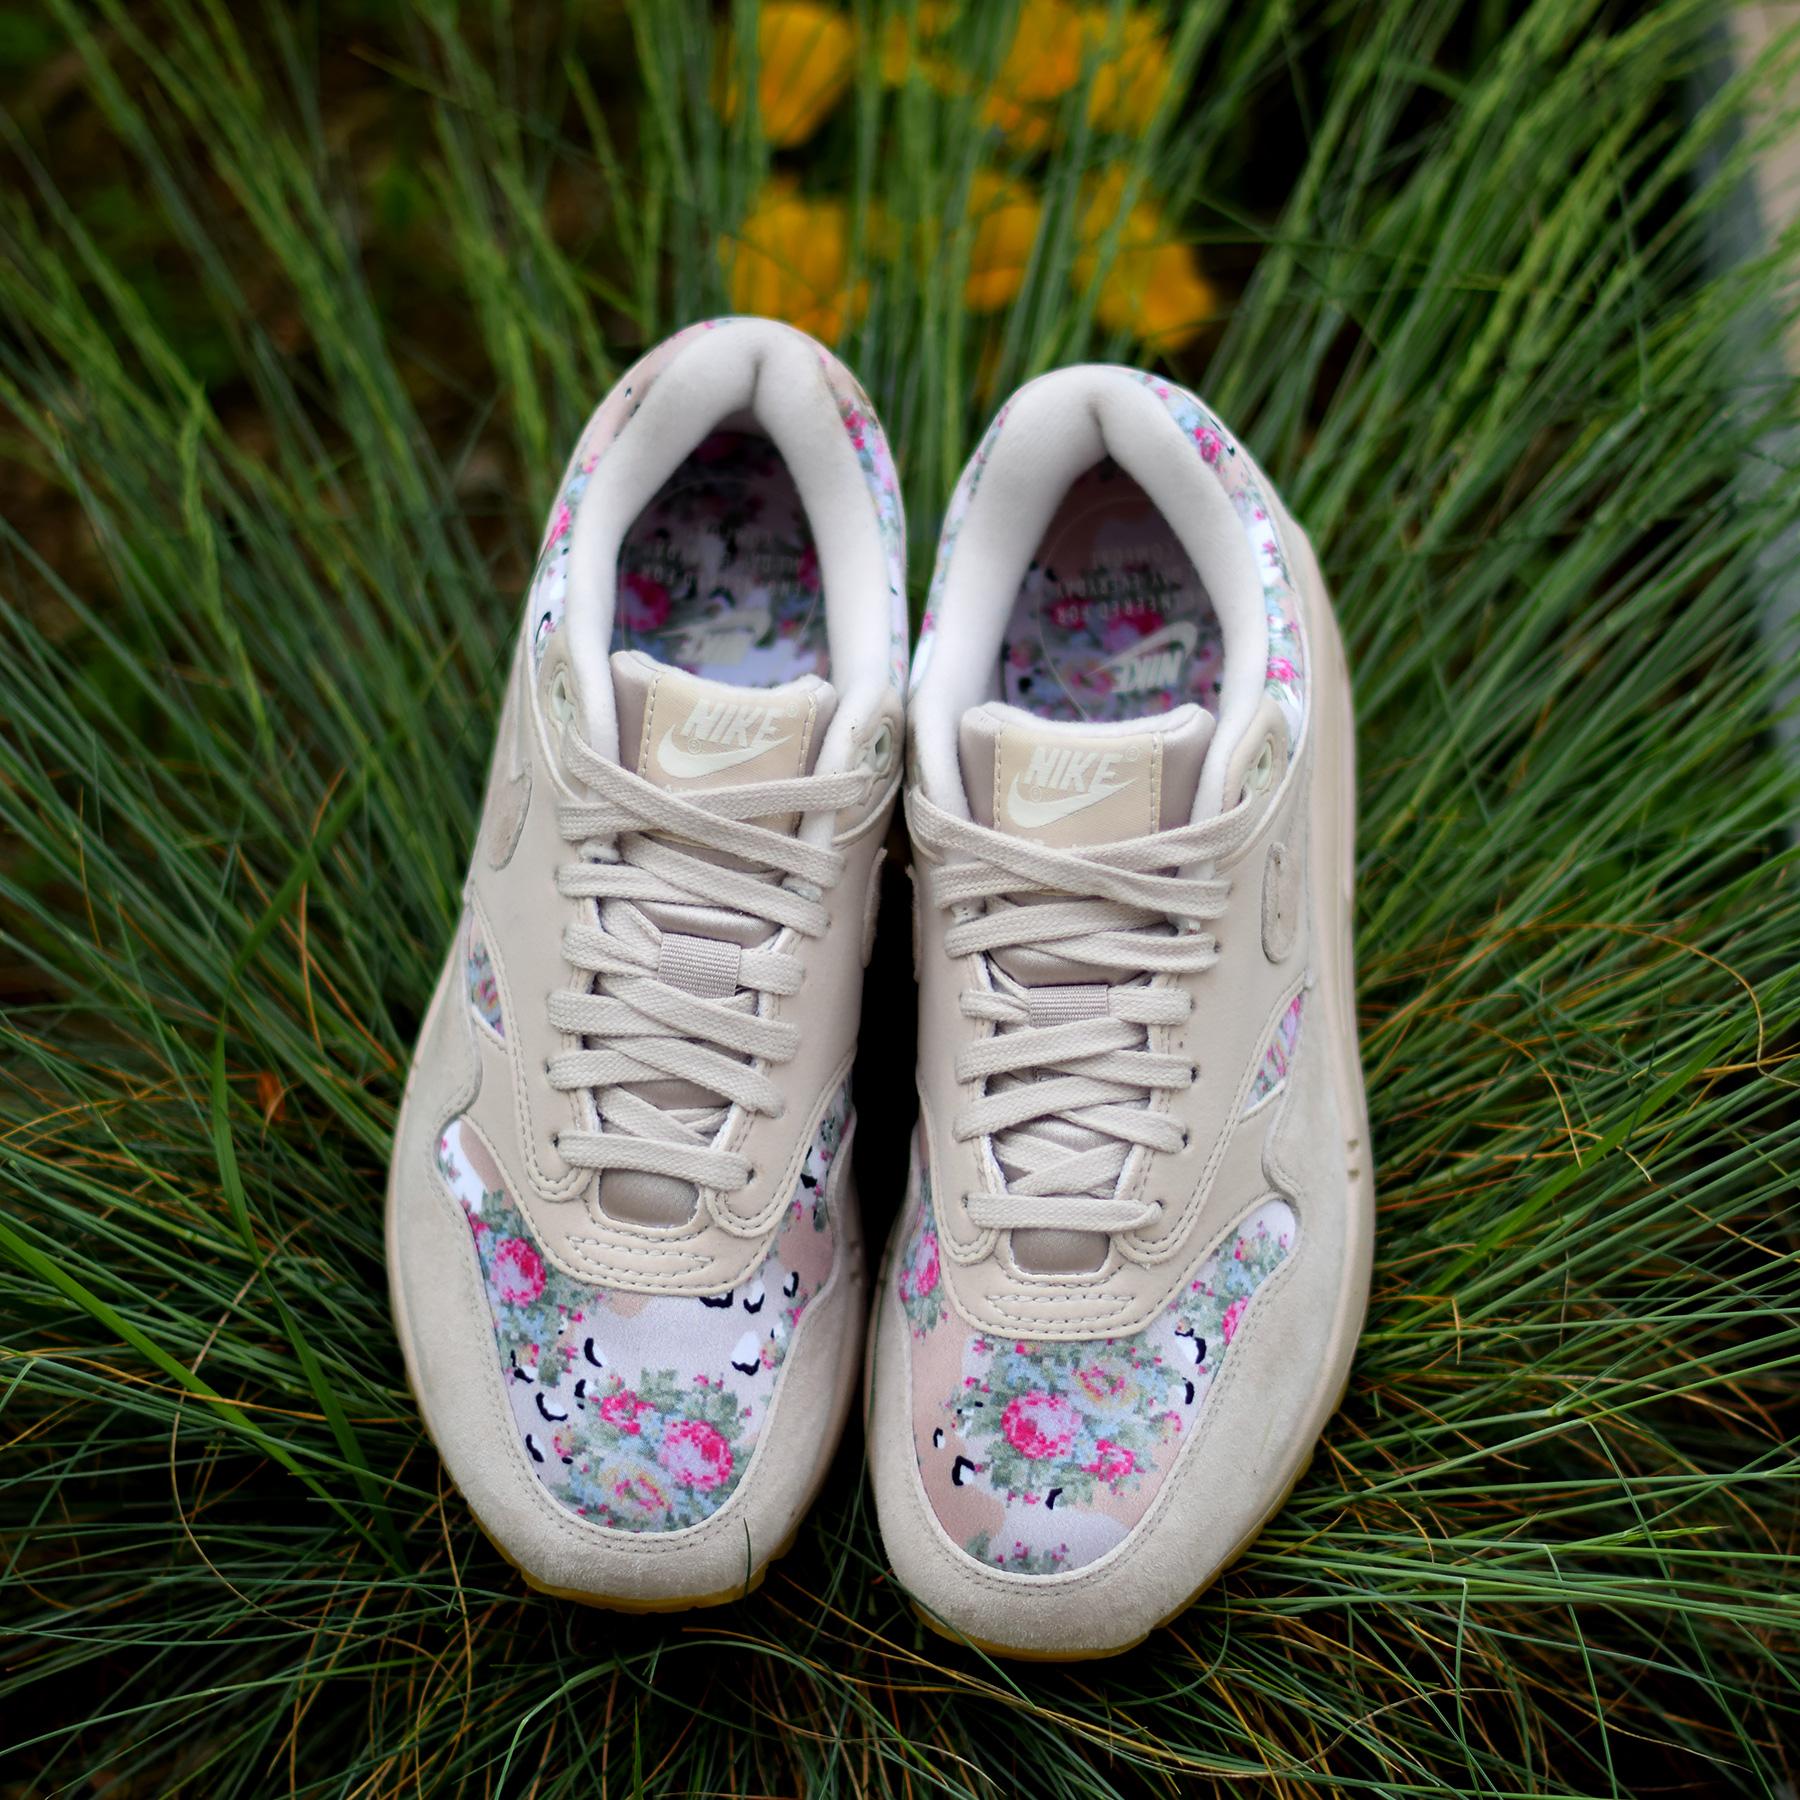 Nike W Air Max 1 Floral Digi Camo